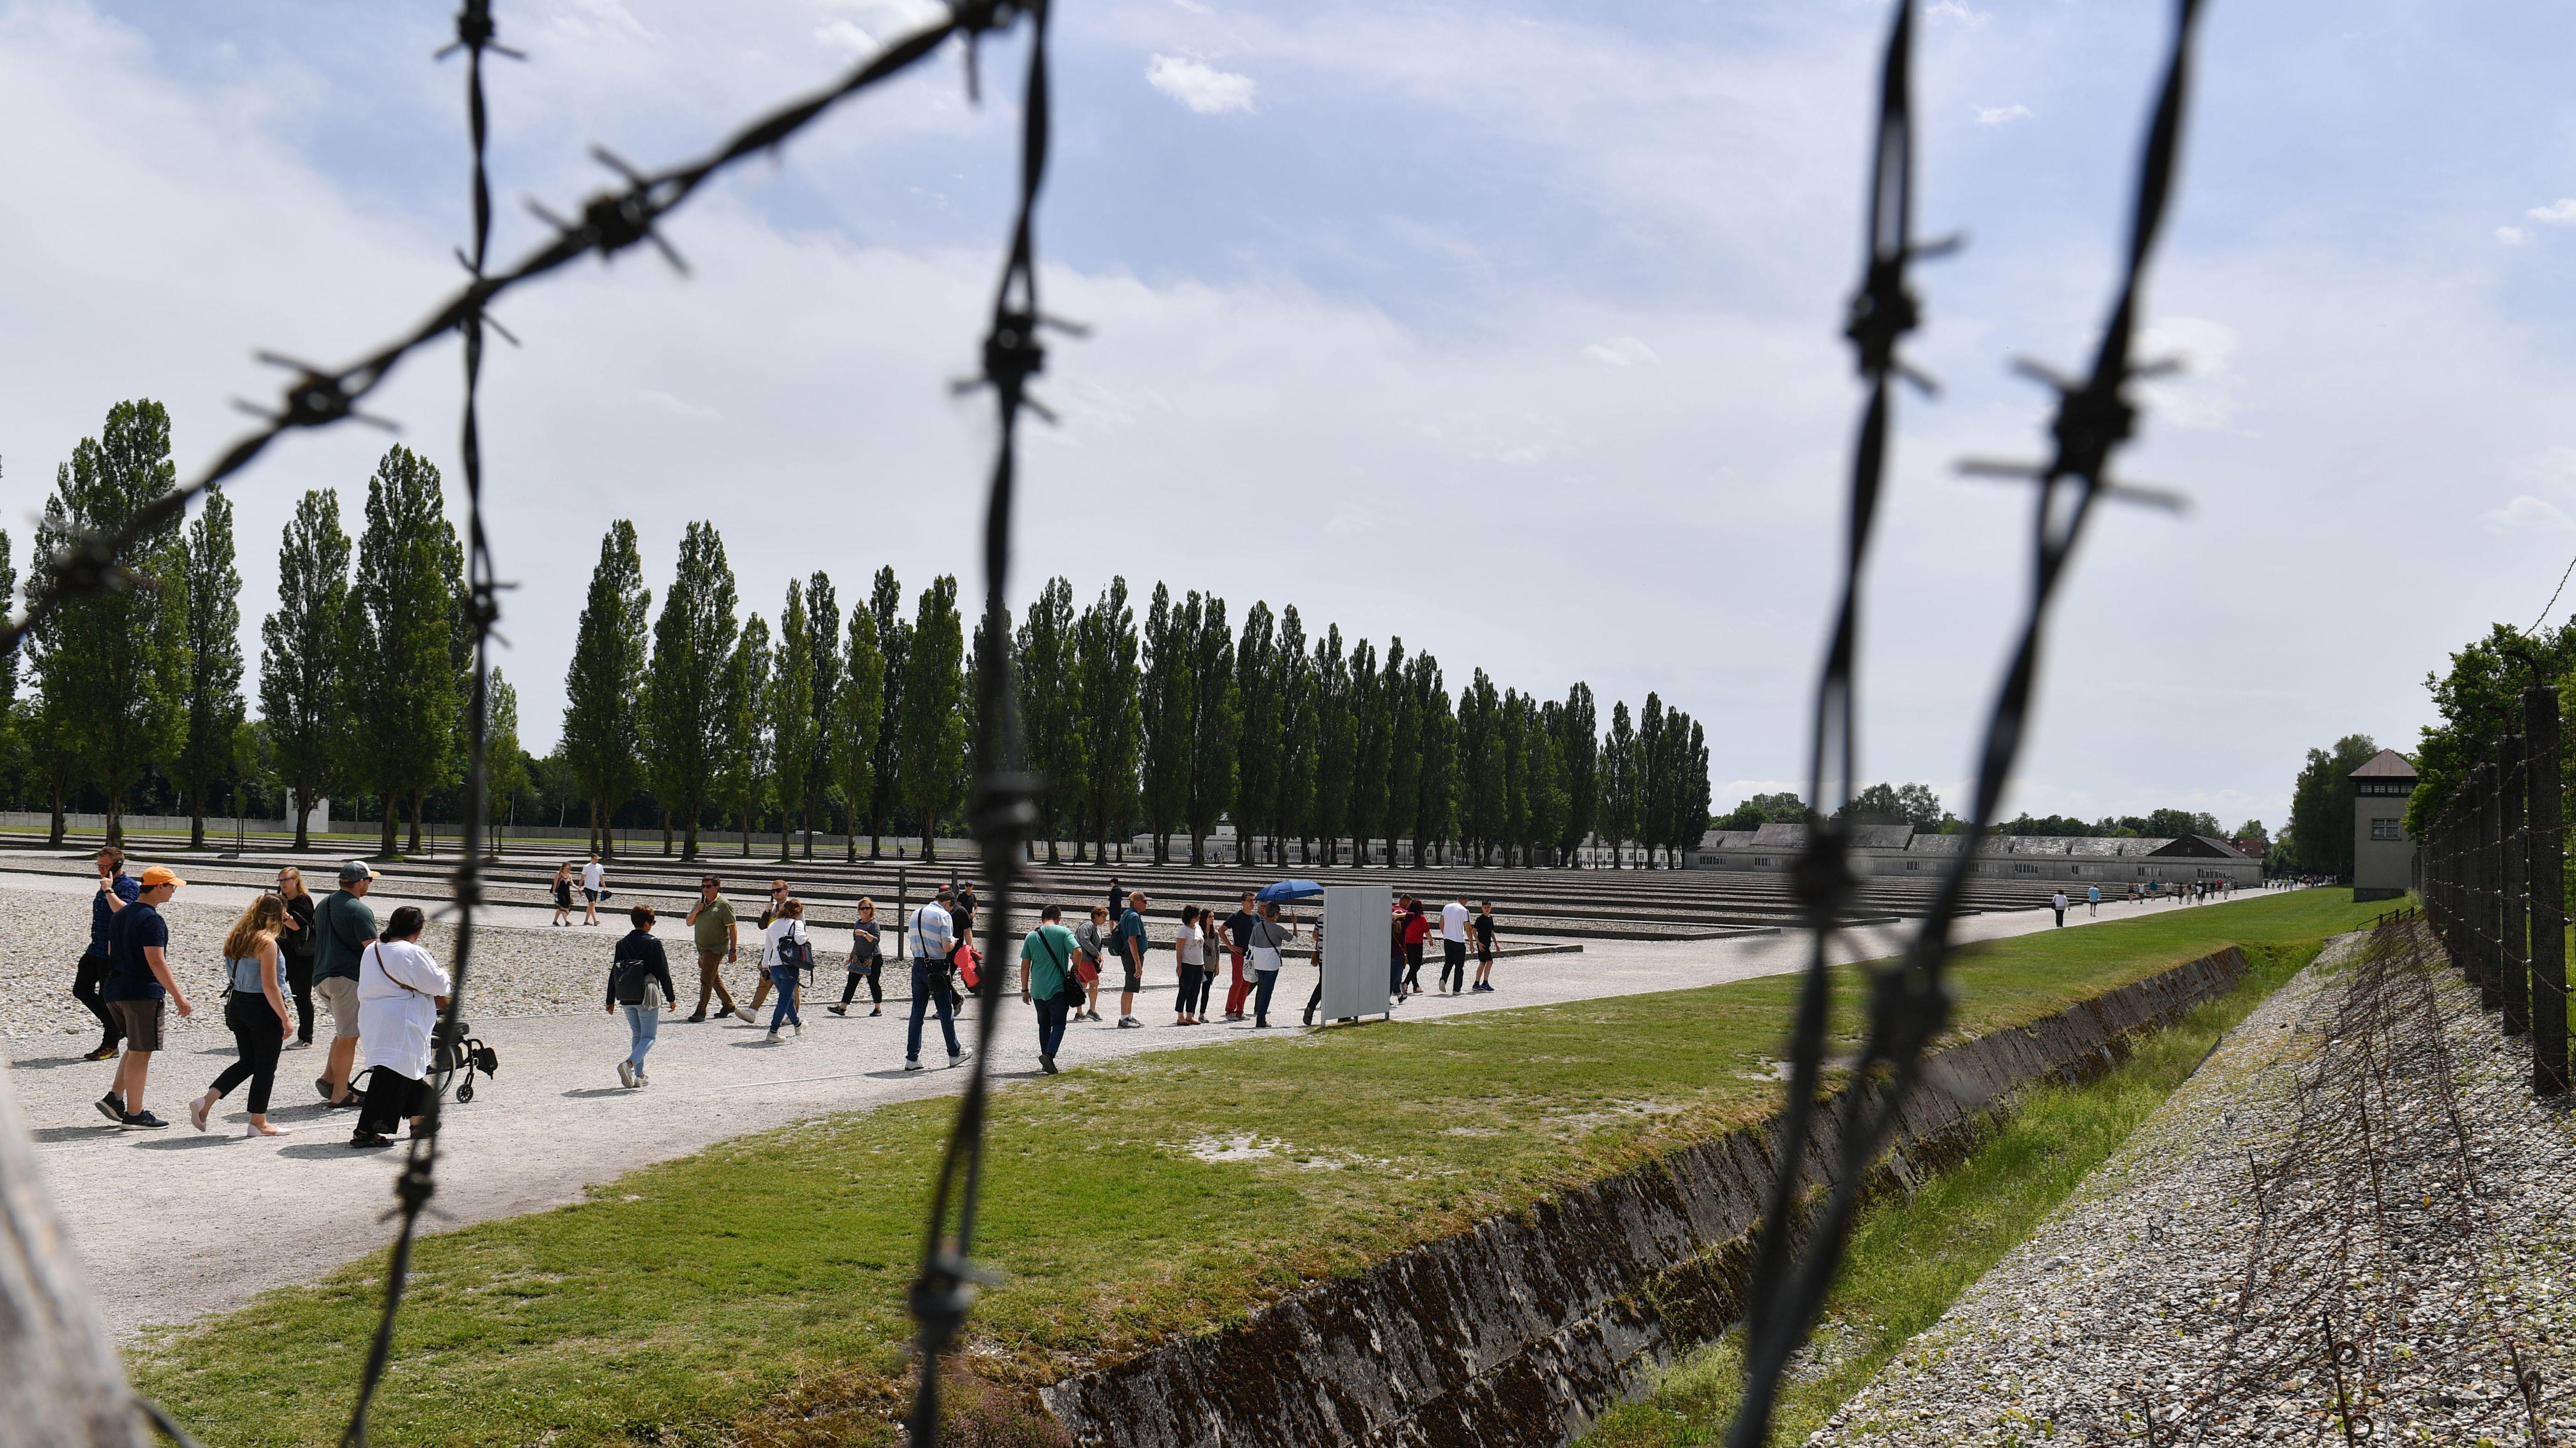 Besucher gehen über Areal der Gedenkstätte Dachau, Maschendraht im Vordergrund